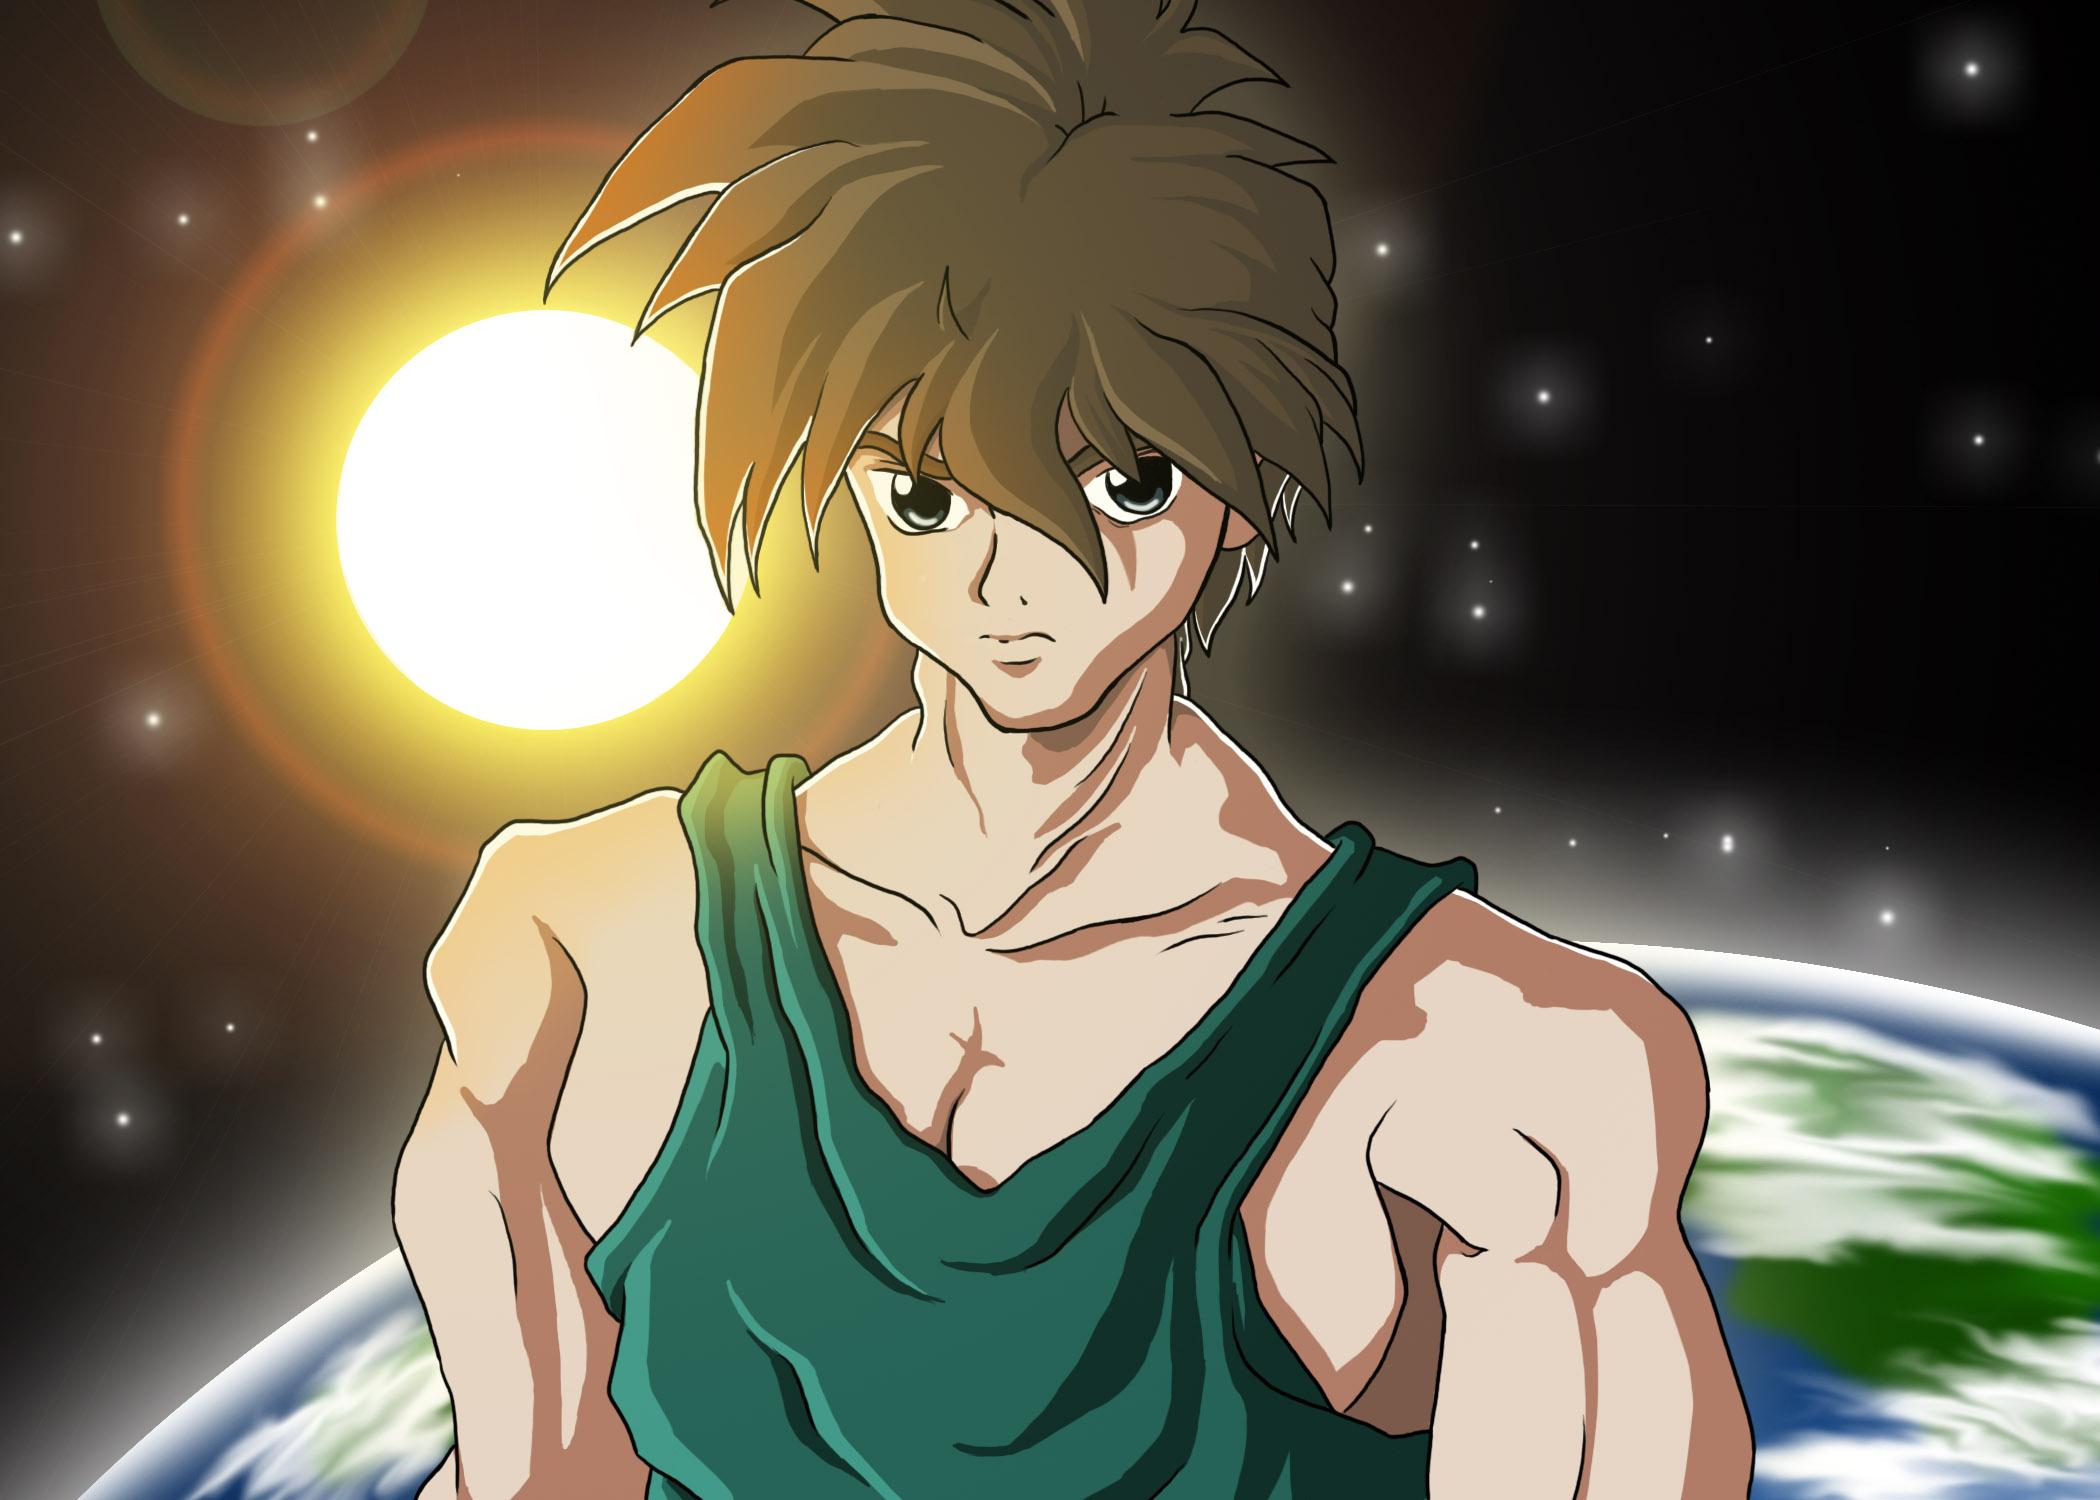 Heero Yuy, The Wing Gundam